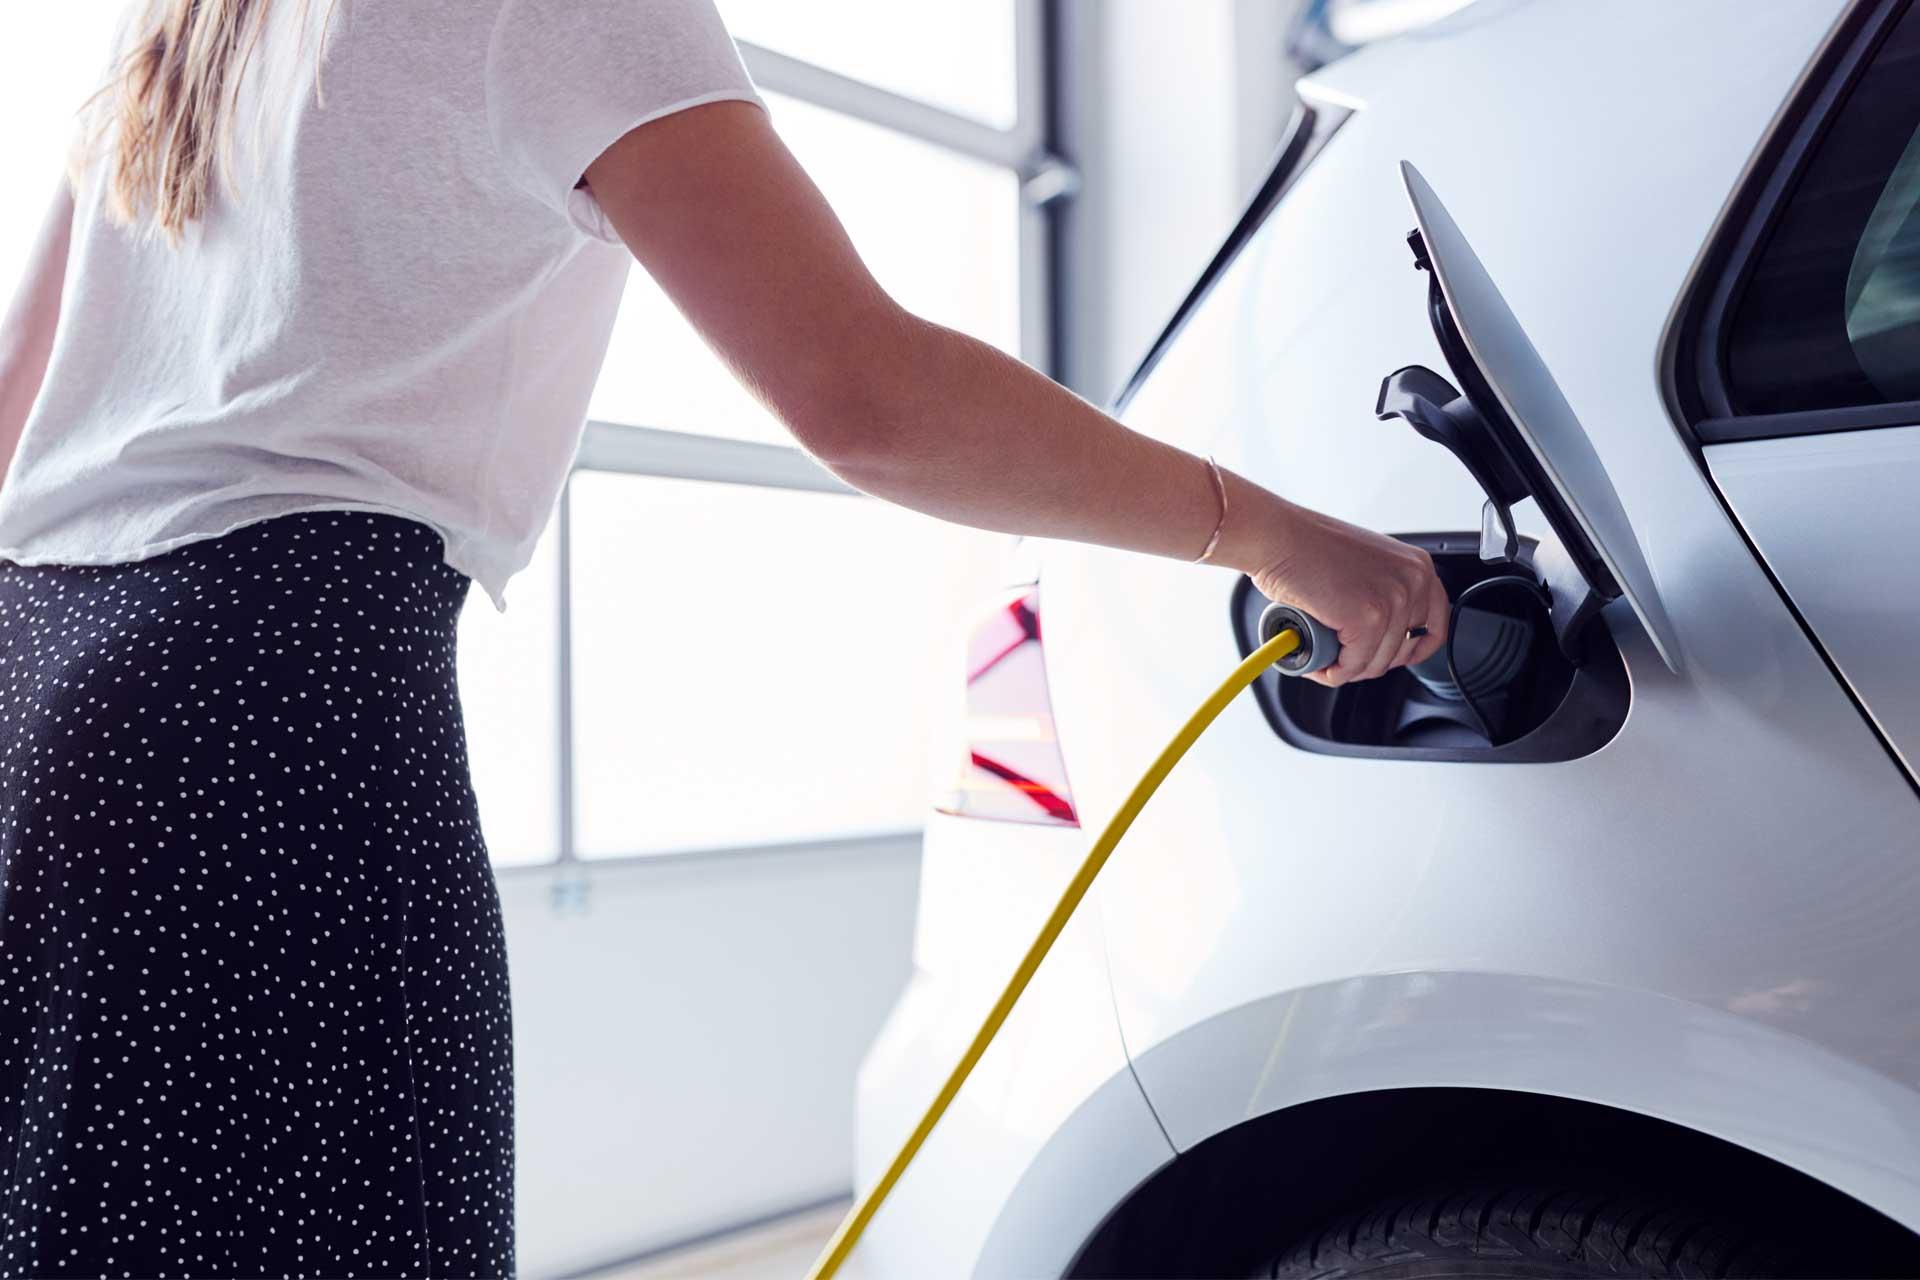 Installation de borne de recharge pour voiture électrique à Epinal (3)